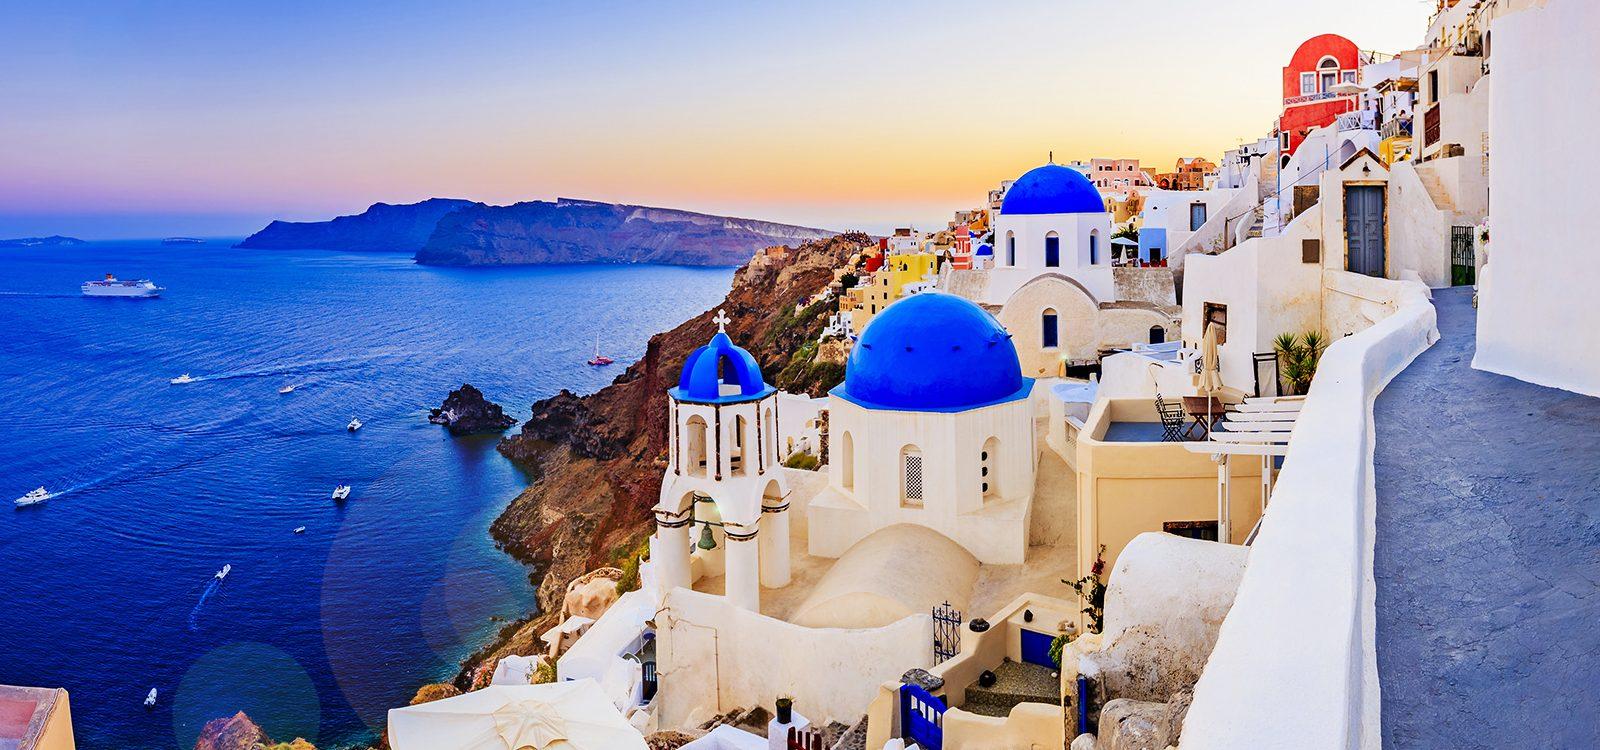 crucero islas griegas desde galicia